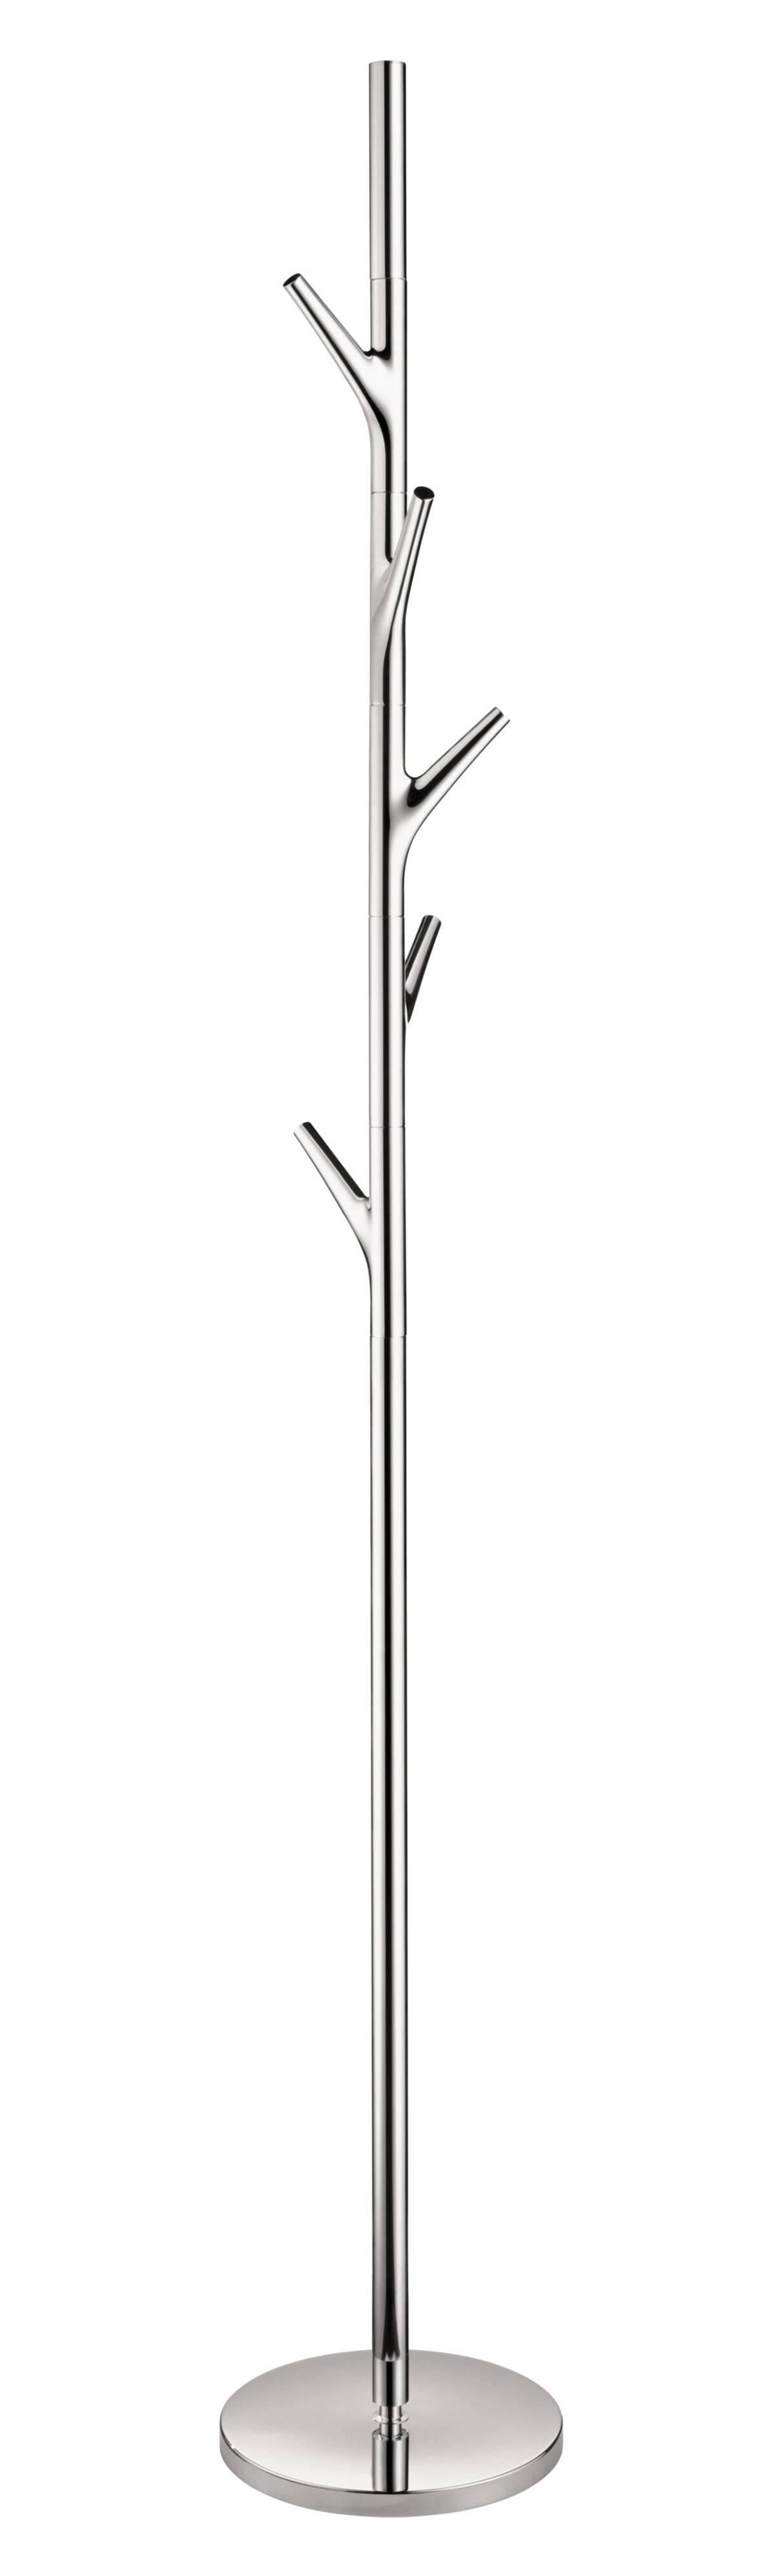 AXOR Massaud Freestanding Towel Holder, chrome, 42270000